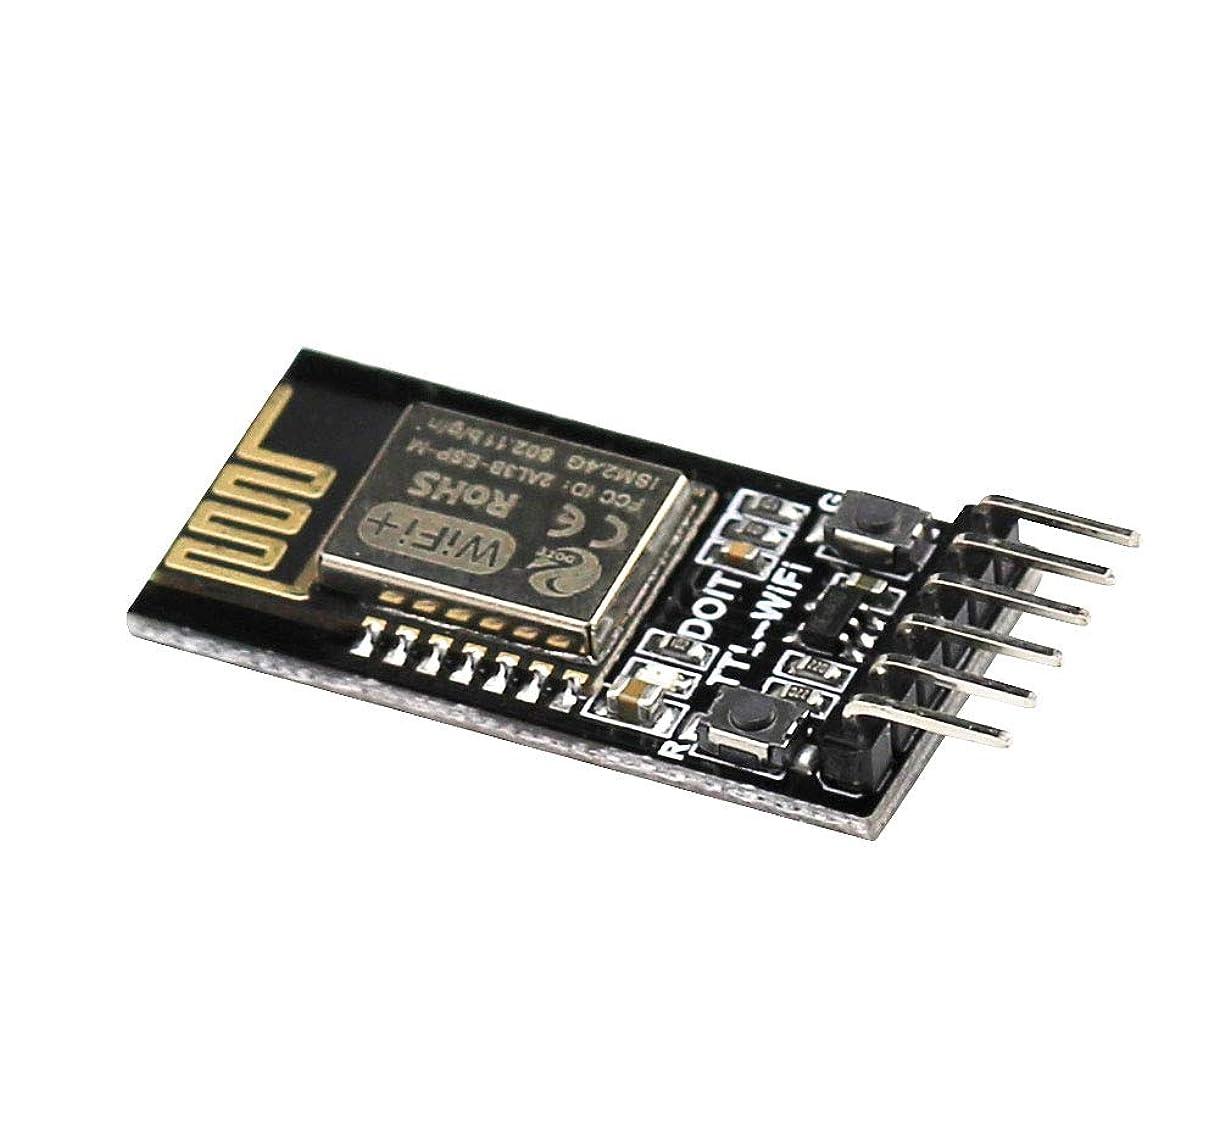 小麦ギャップ便利さAihasd DT-06 ワイヤレス WiFi シリアルポート 透明 トランスミッションモジュール TTLからWiFi互換 Bluetooth HC-06 インターフェース ESP-M2